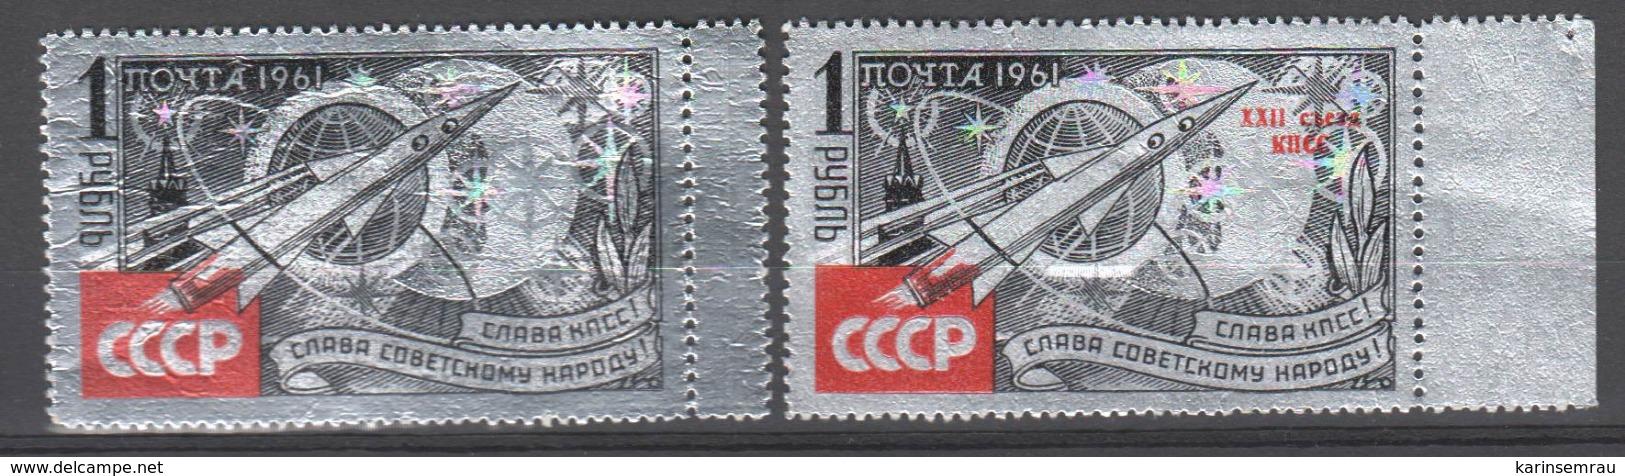 Sowjetunion , Nr 2540 Und 2541 Postfrisch - Unused Stamps